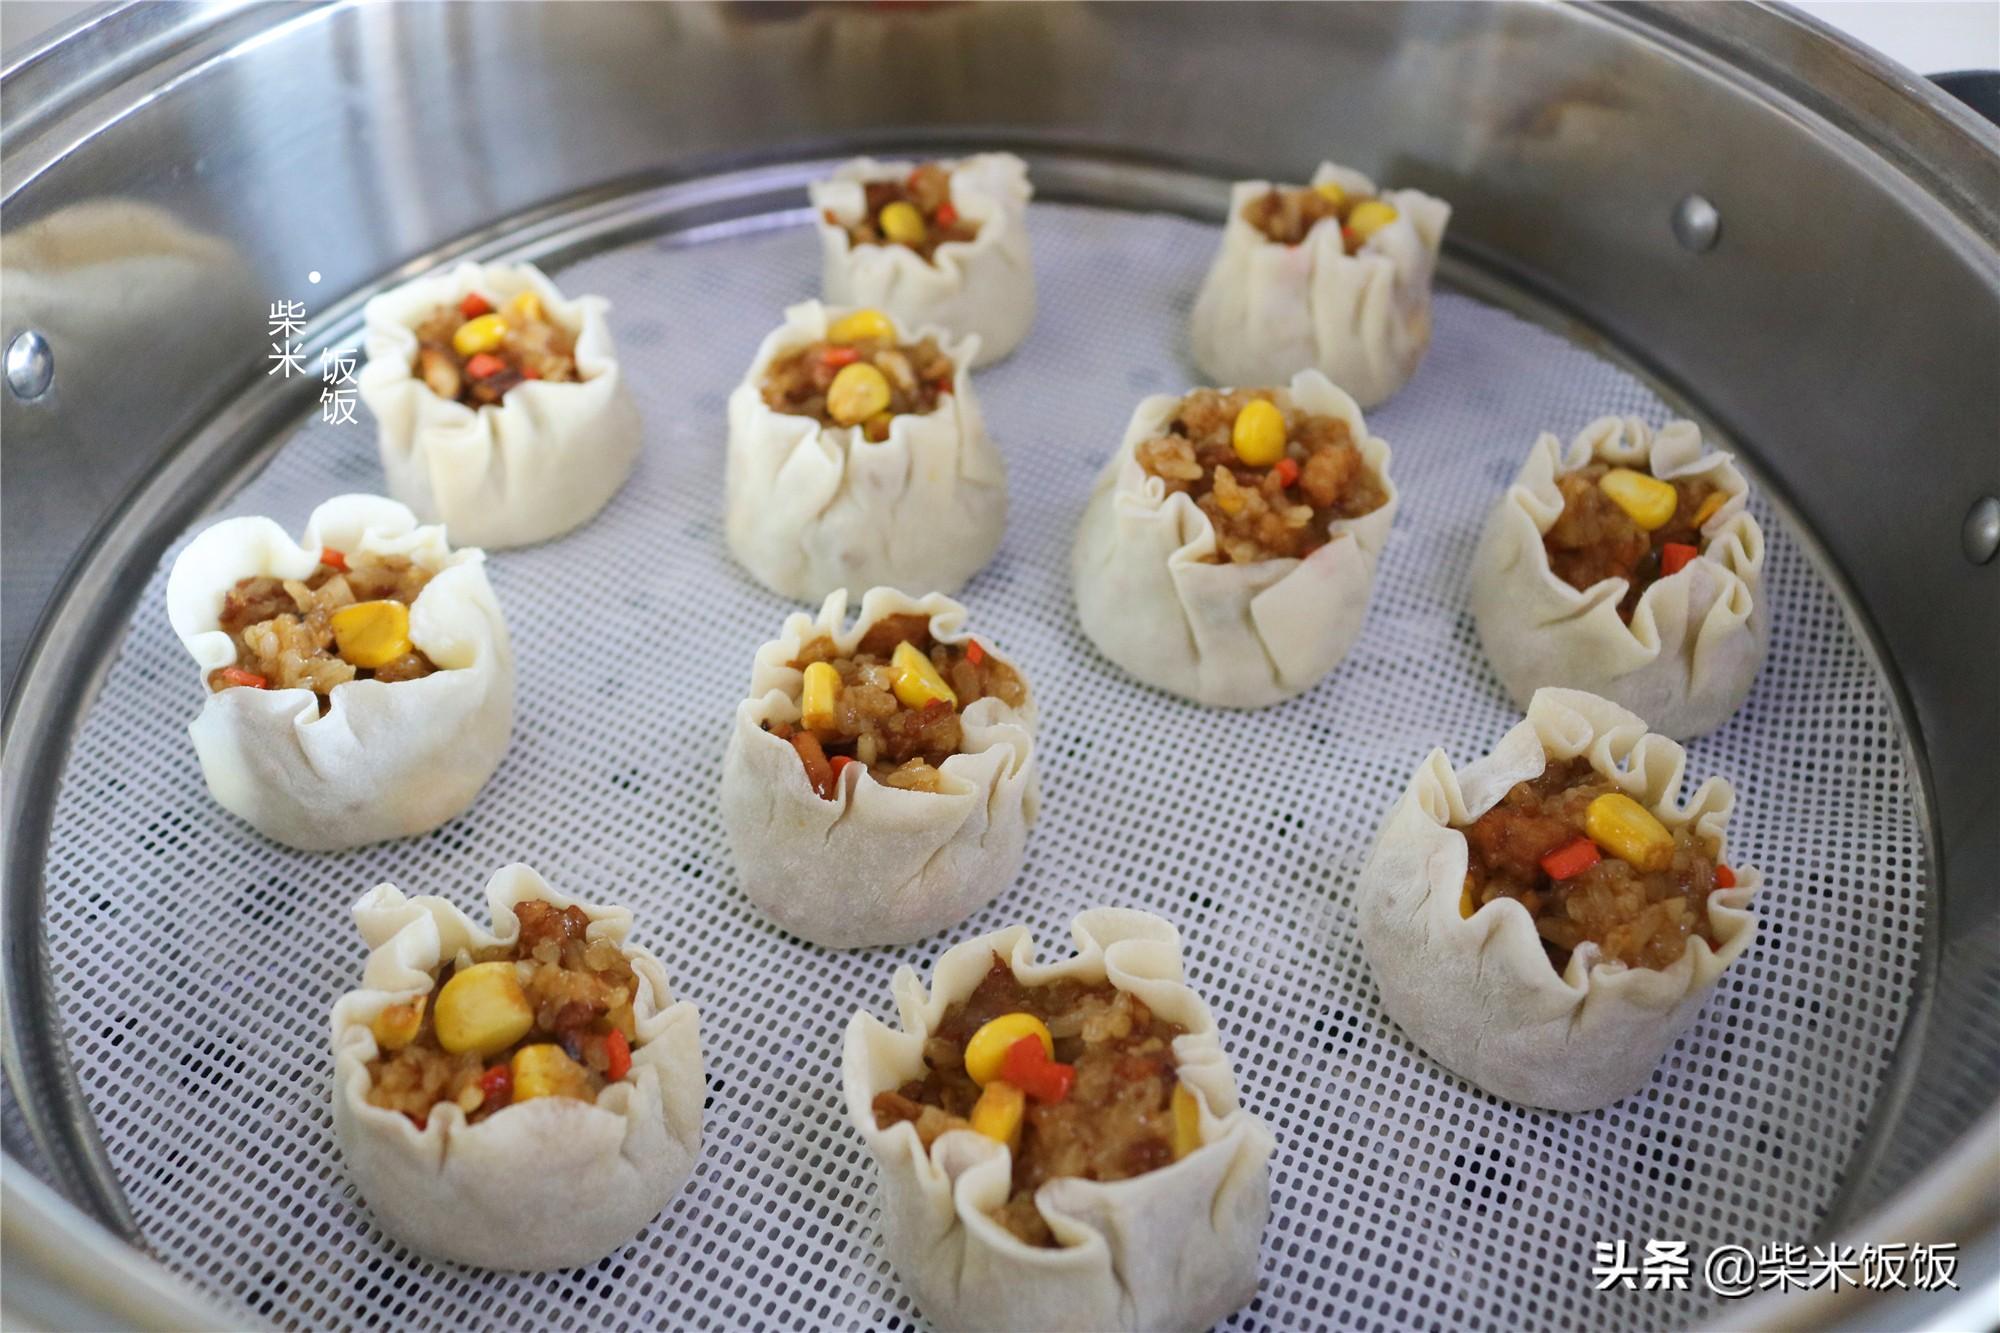 孩子点名要吃的烧麦,做法比饺子简单,一锅蒸33个,凉了也好吃 美食做法 第14张